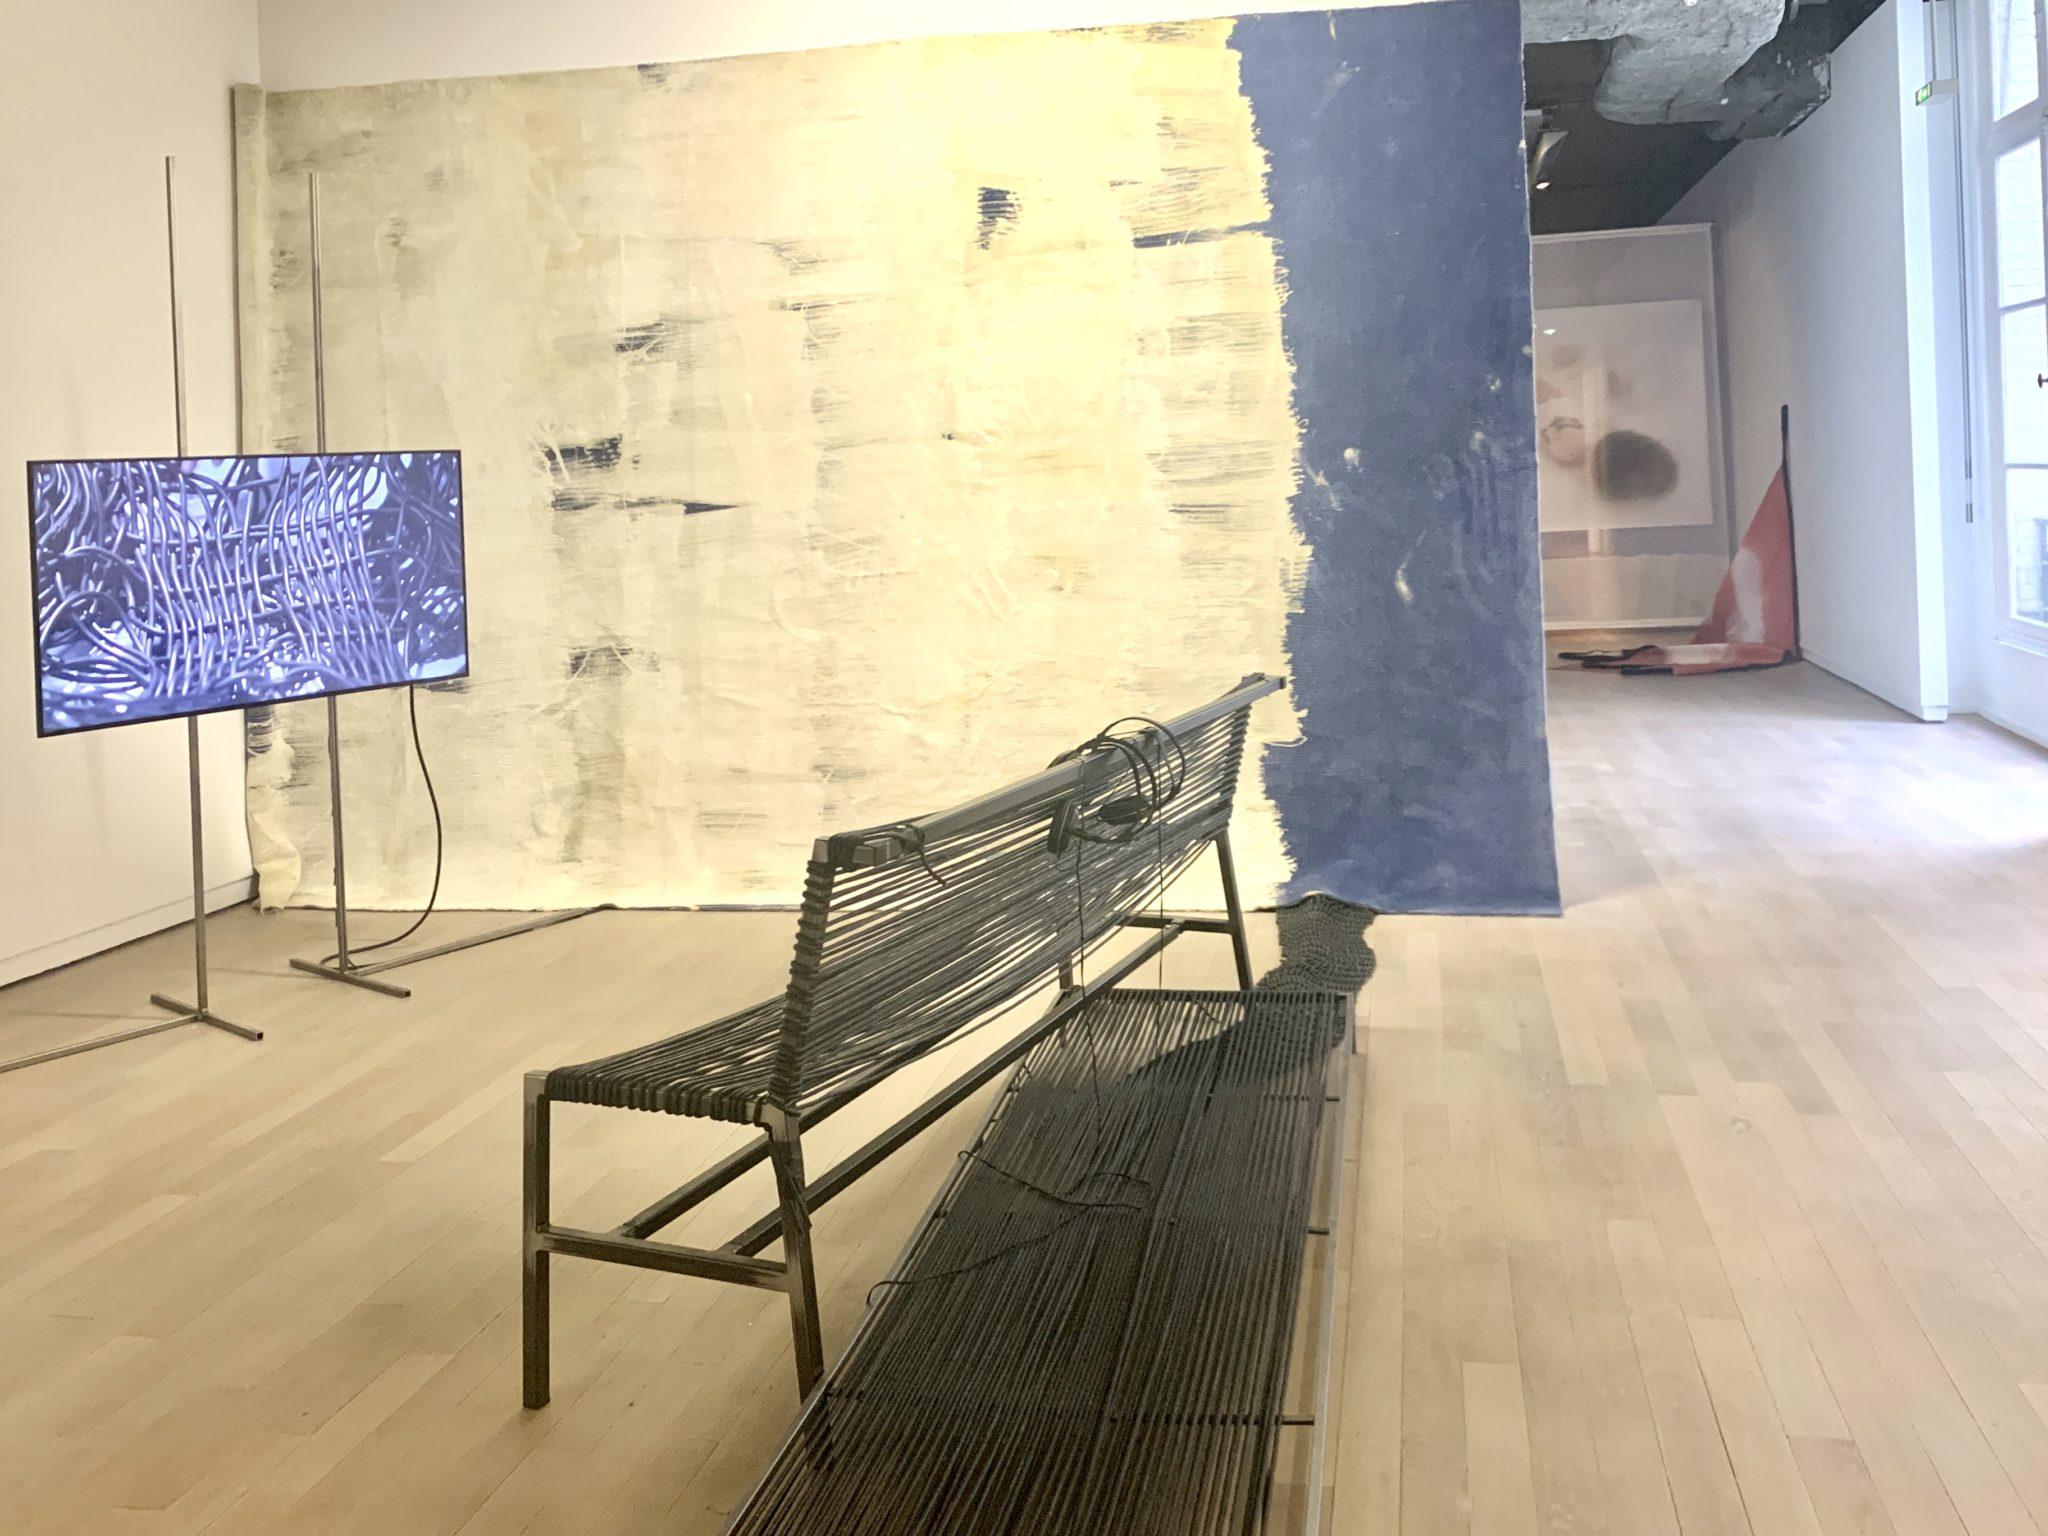 Vue de l'exposition, Photo ARTVISIONS, Etude sur l'empathie, Paris, Fondation Ricard. Du 3 décembre au 25 janvier 2020.